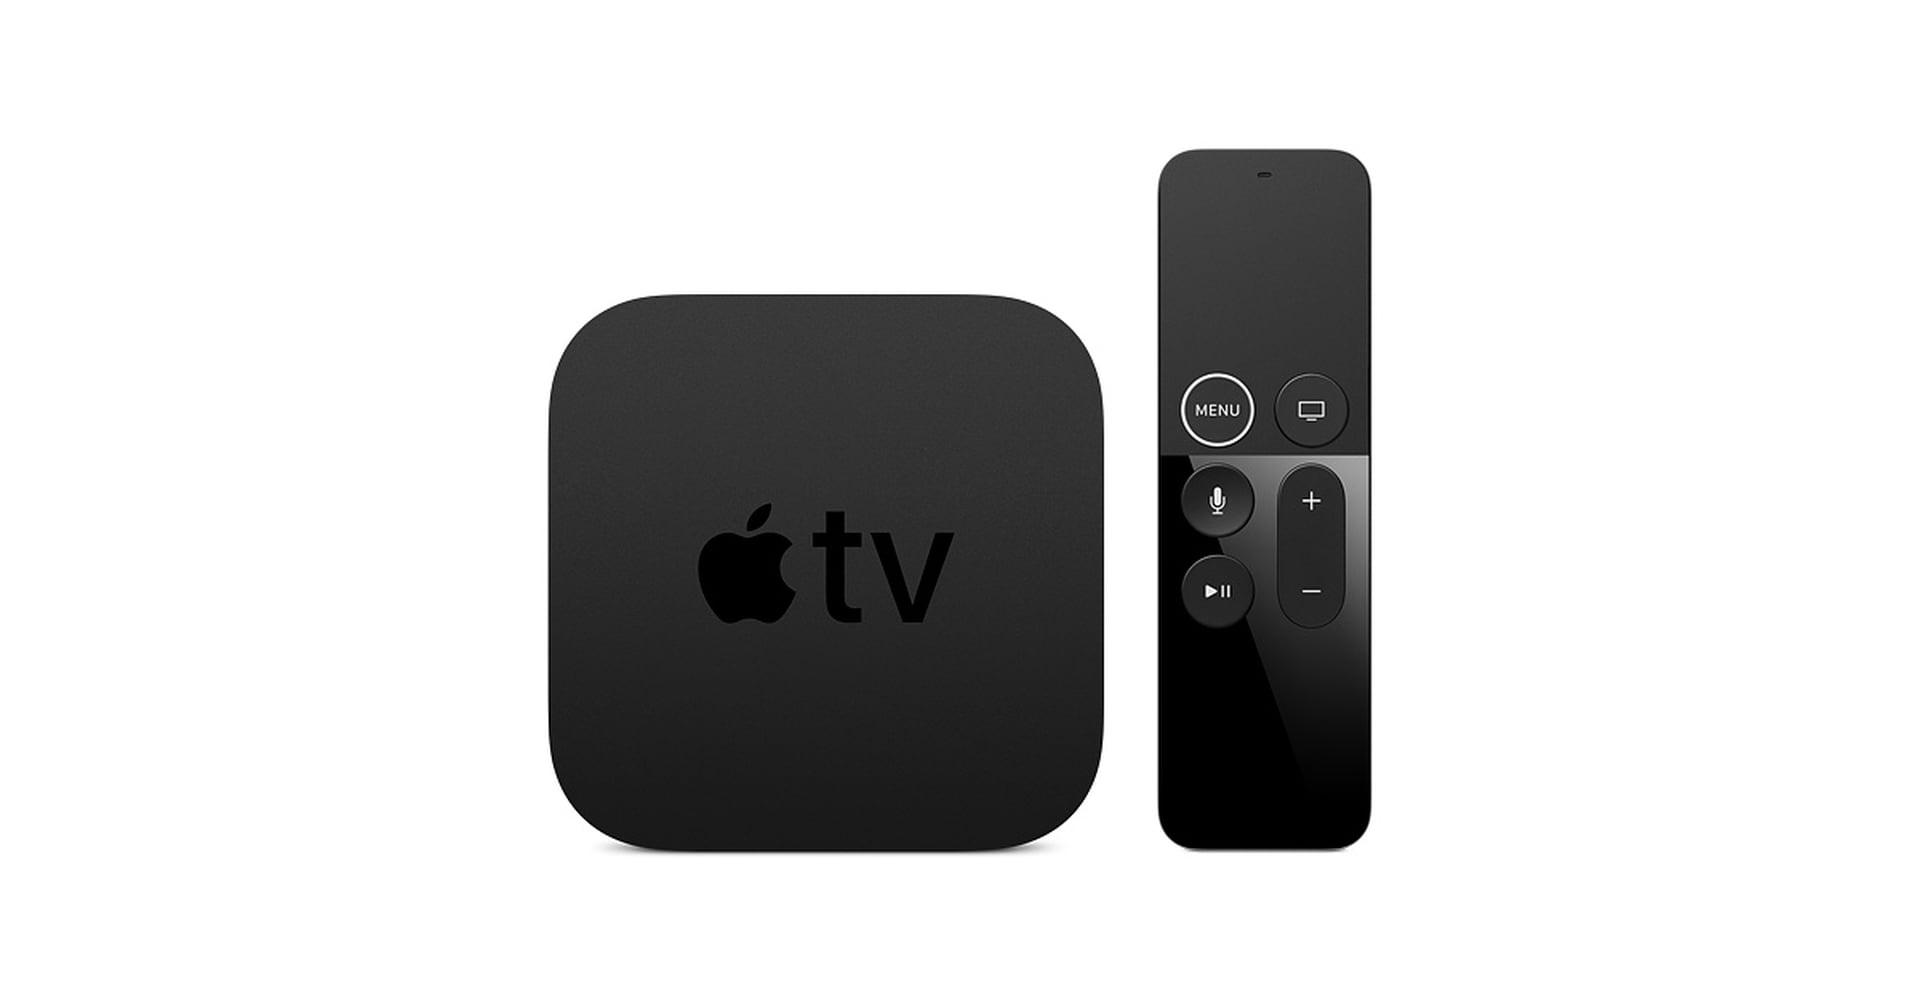 Nowa przystawka telewizyjna Apple TV ma wspierać 120 Hz